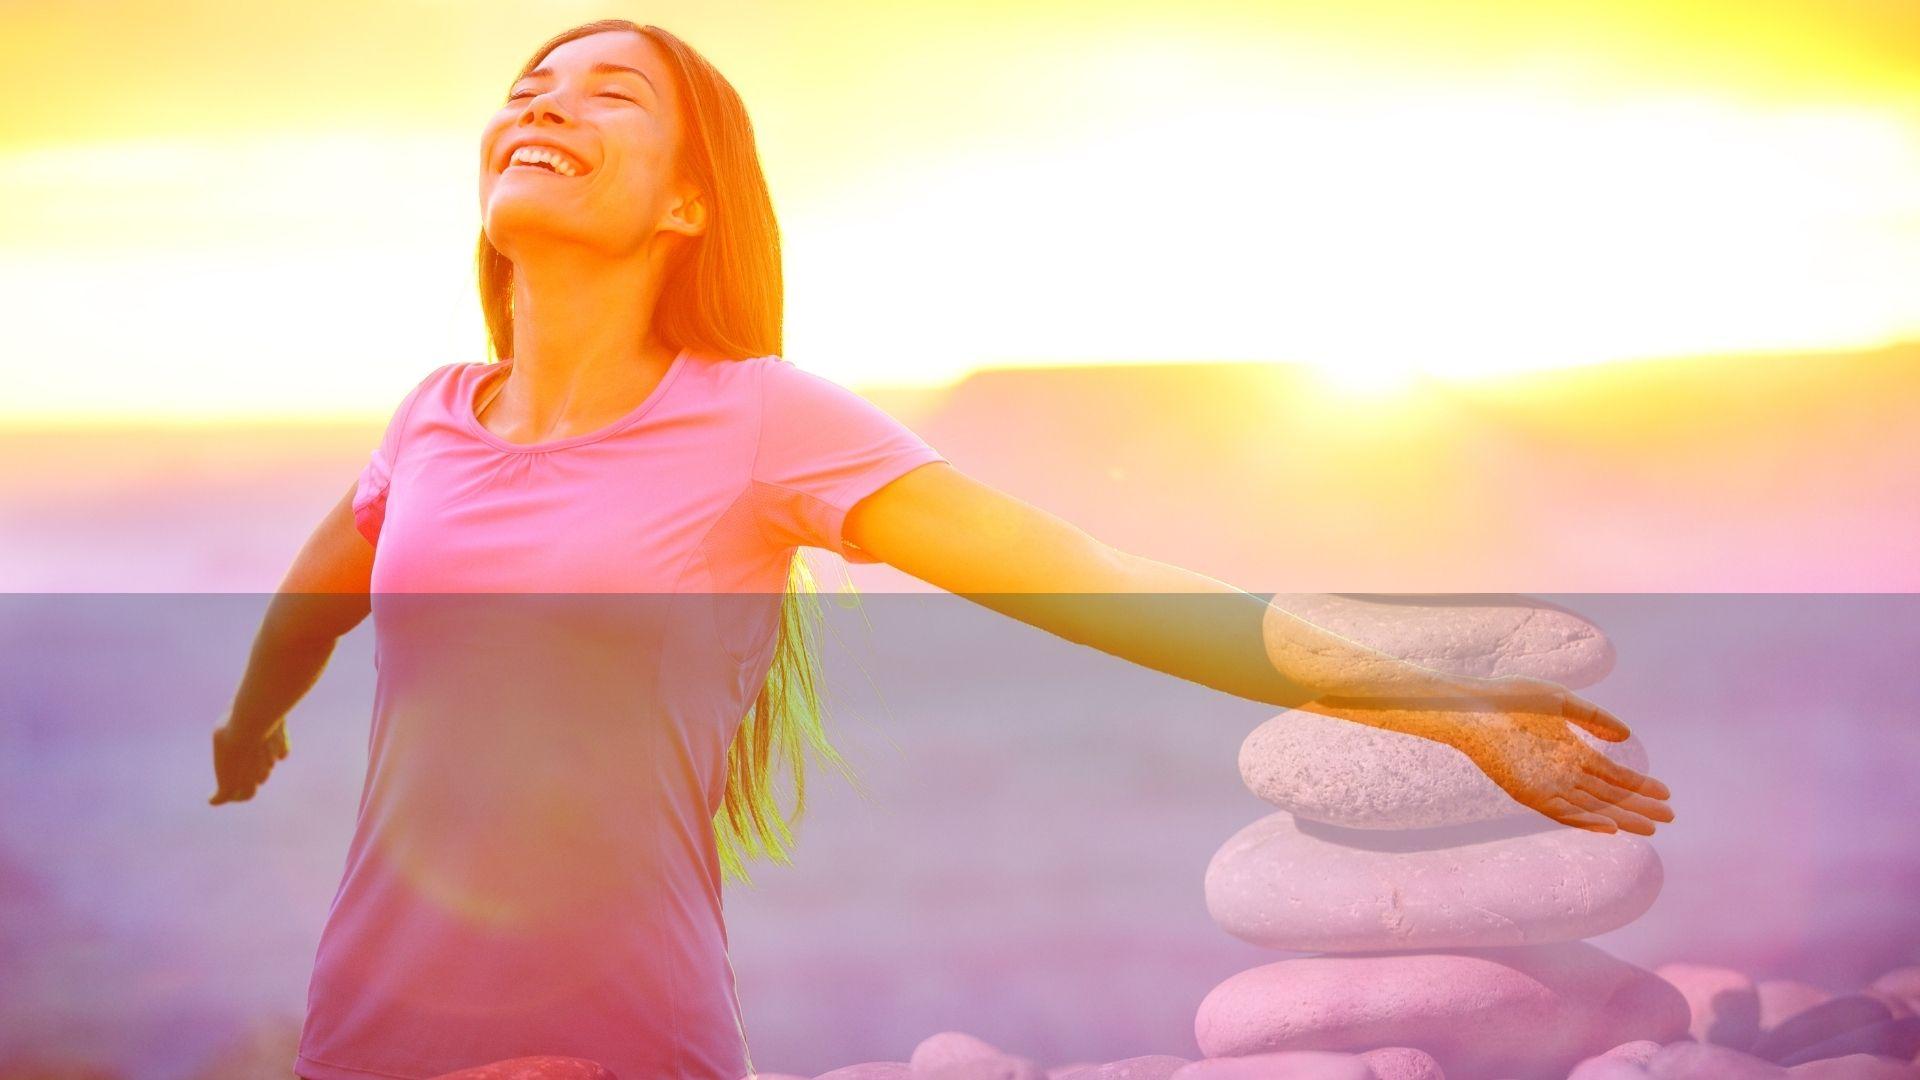 Gelassener werden und in deine Kraft kommen – 2 Tipps, die dir sofort helfen